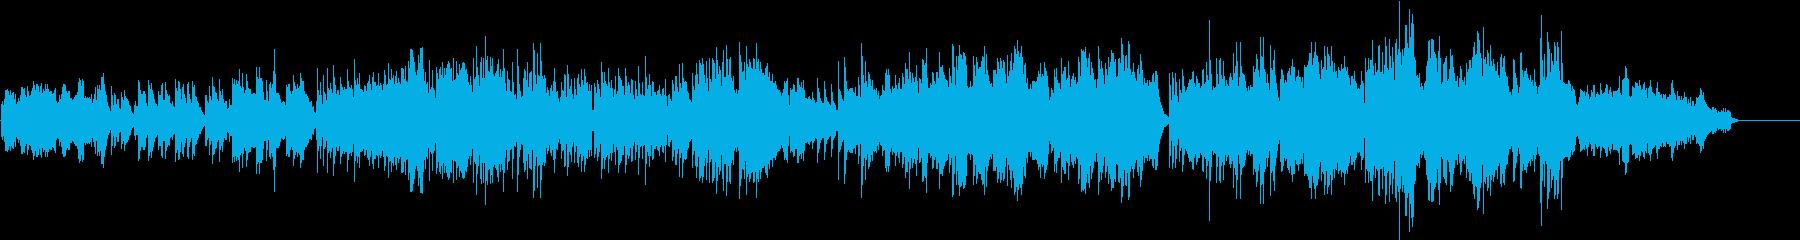 春の喜びや皆への応援歌を和楽器にて表現の再生済みの波形